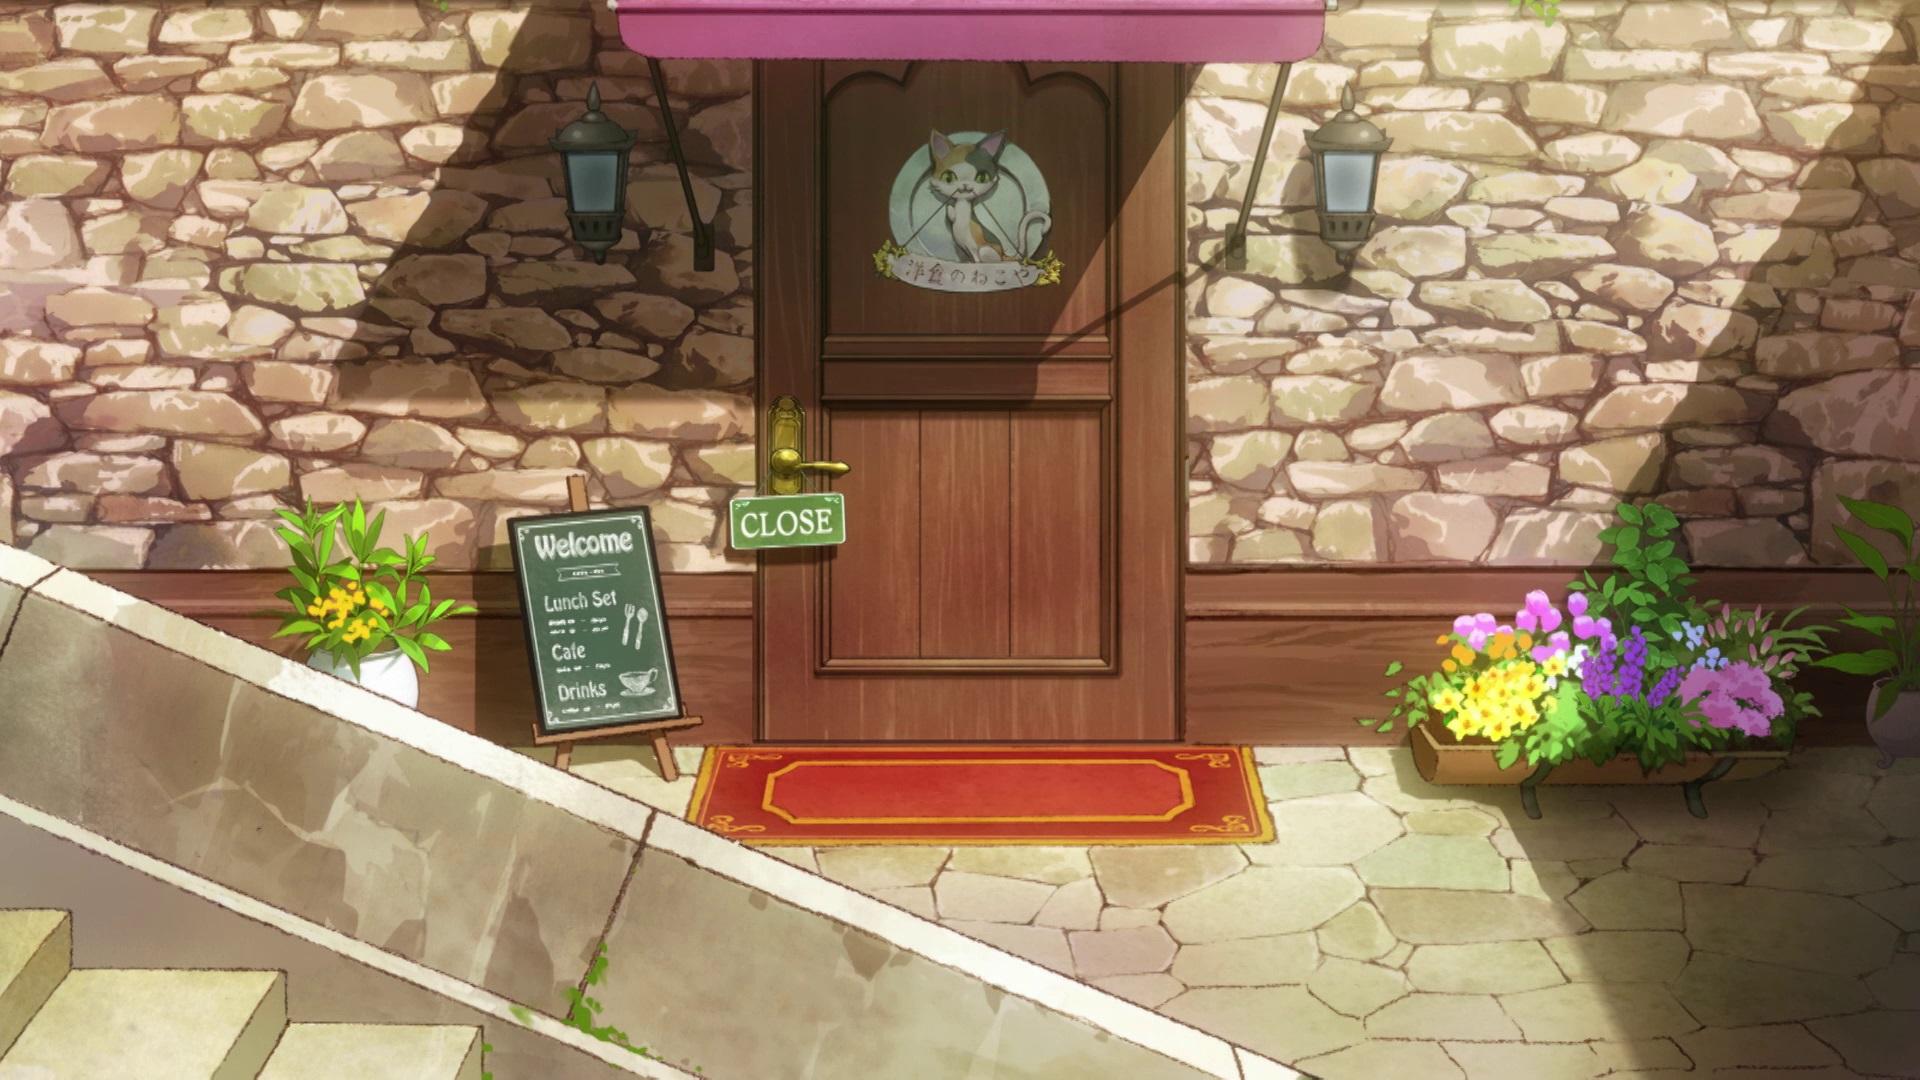 Featured image for Isekai Shokudou 2 Episode 1 [First Impression]